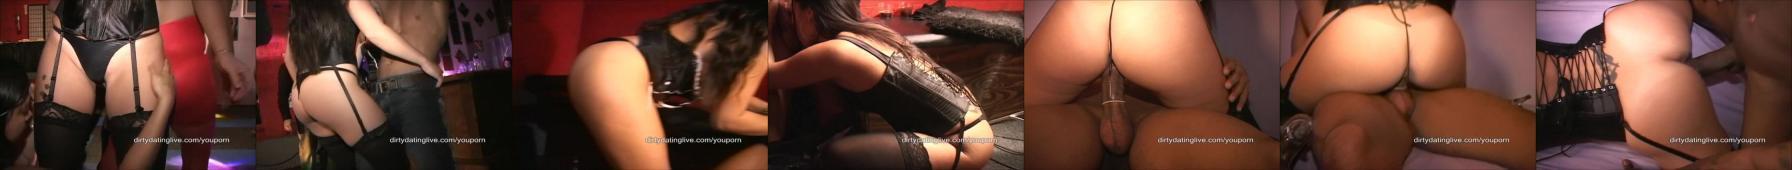 Azjatka wyruchana na imprezie - sex party